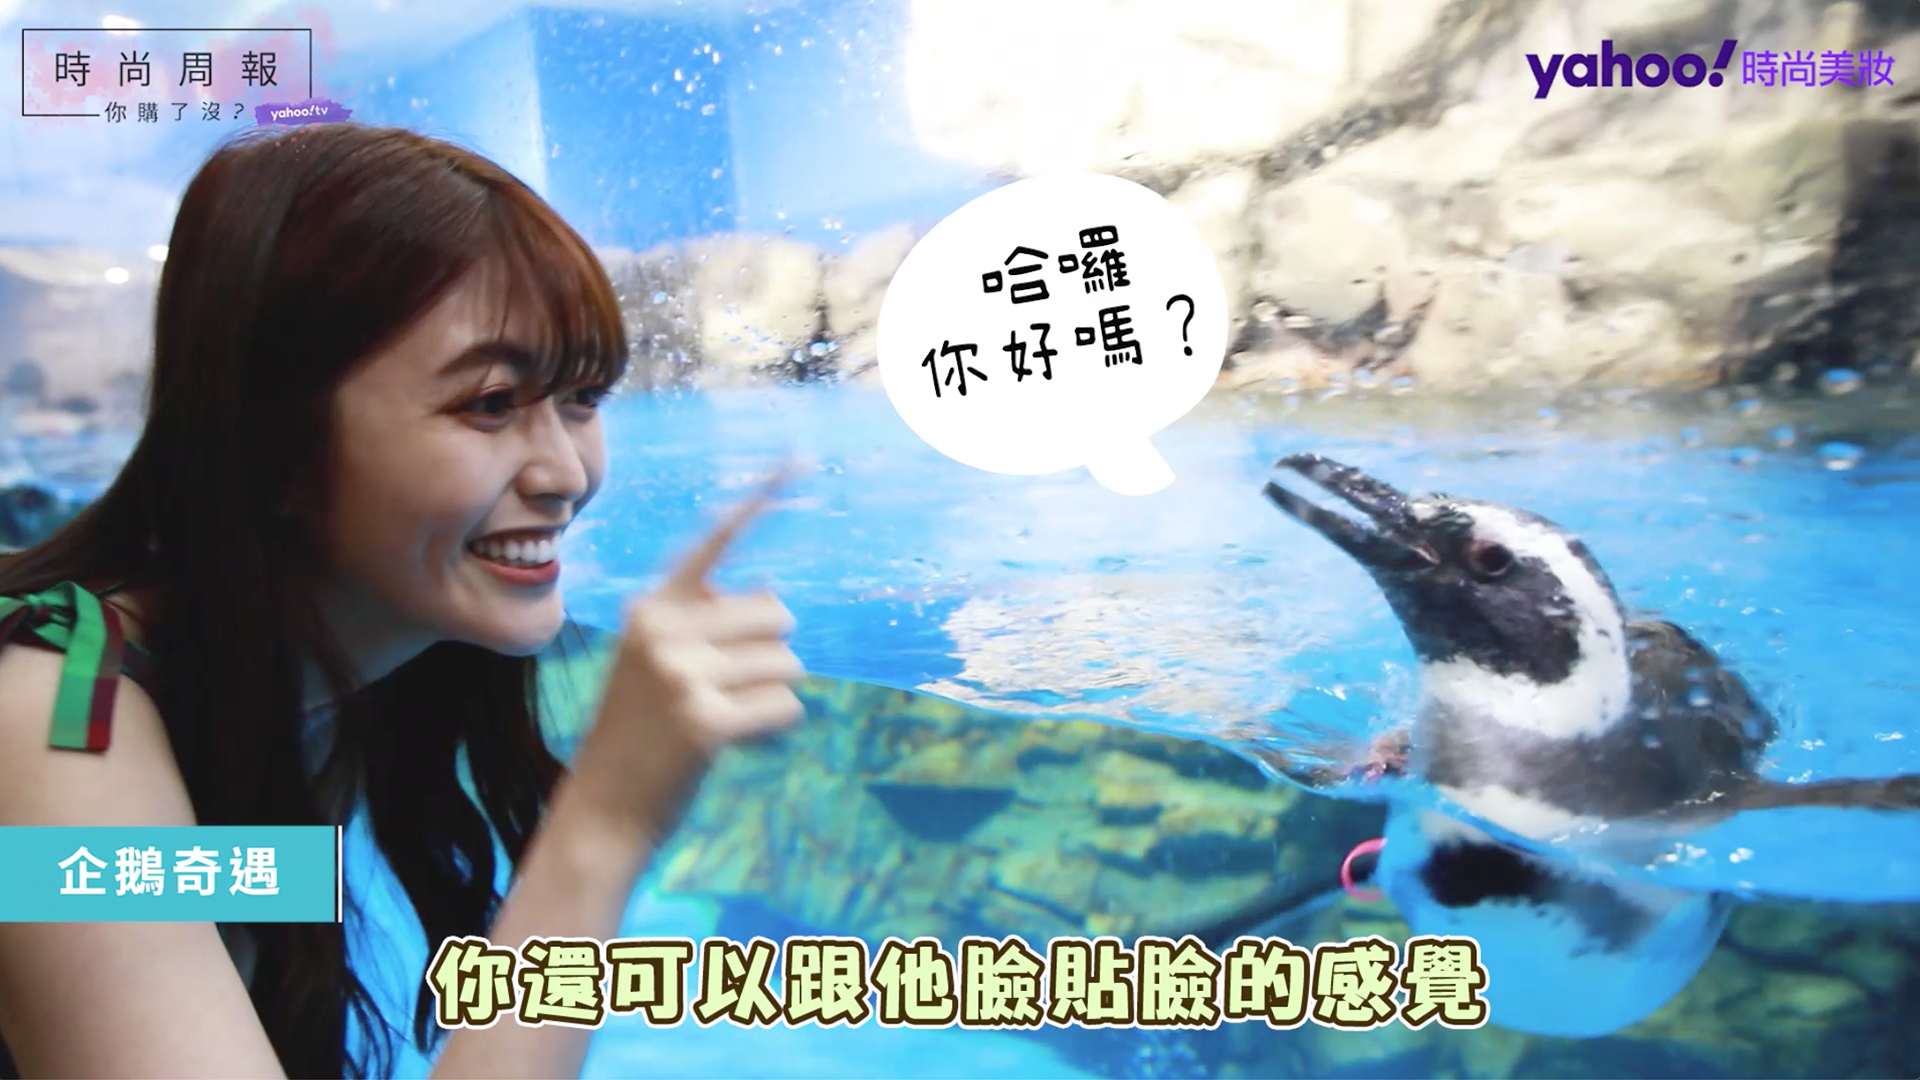 【時尚周報】跟企鵝一起喝咖啡♡帶你逛!日本原裝水族館「Xpark」水生公園 #5